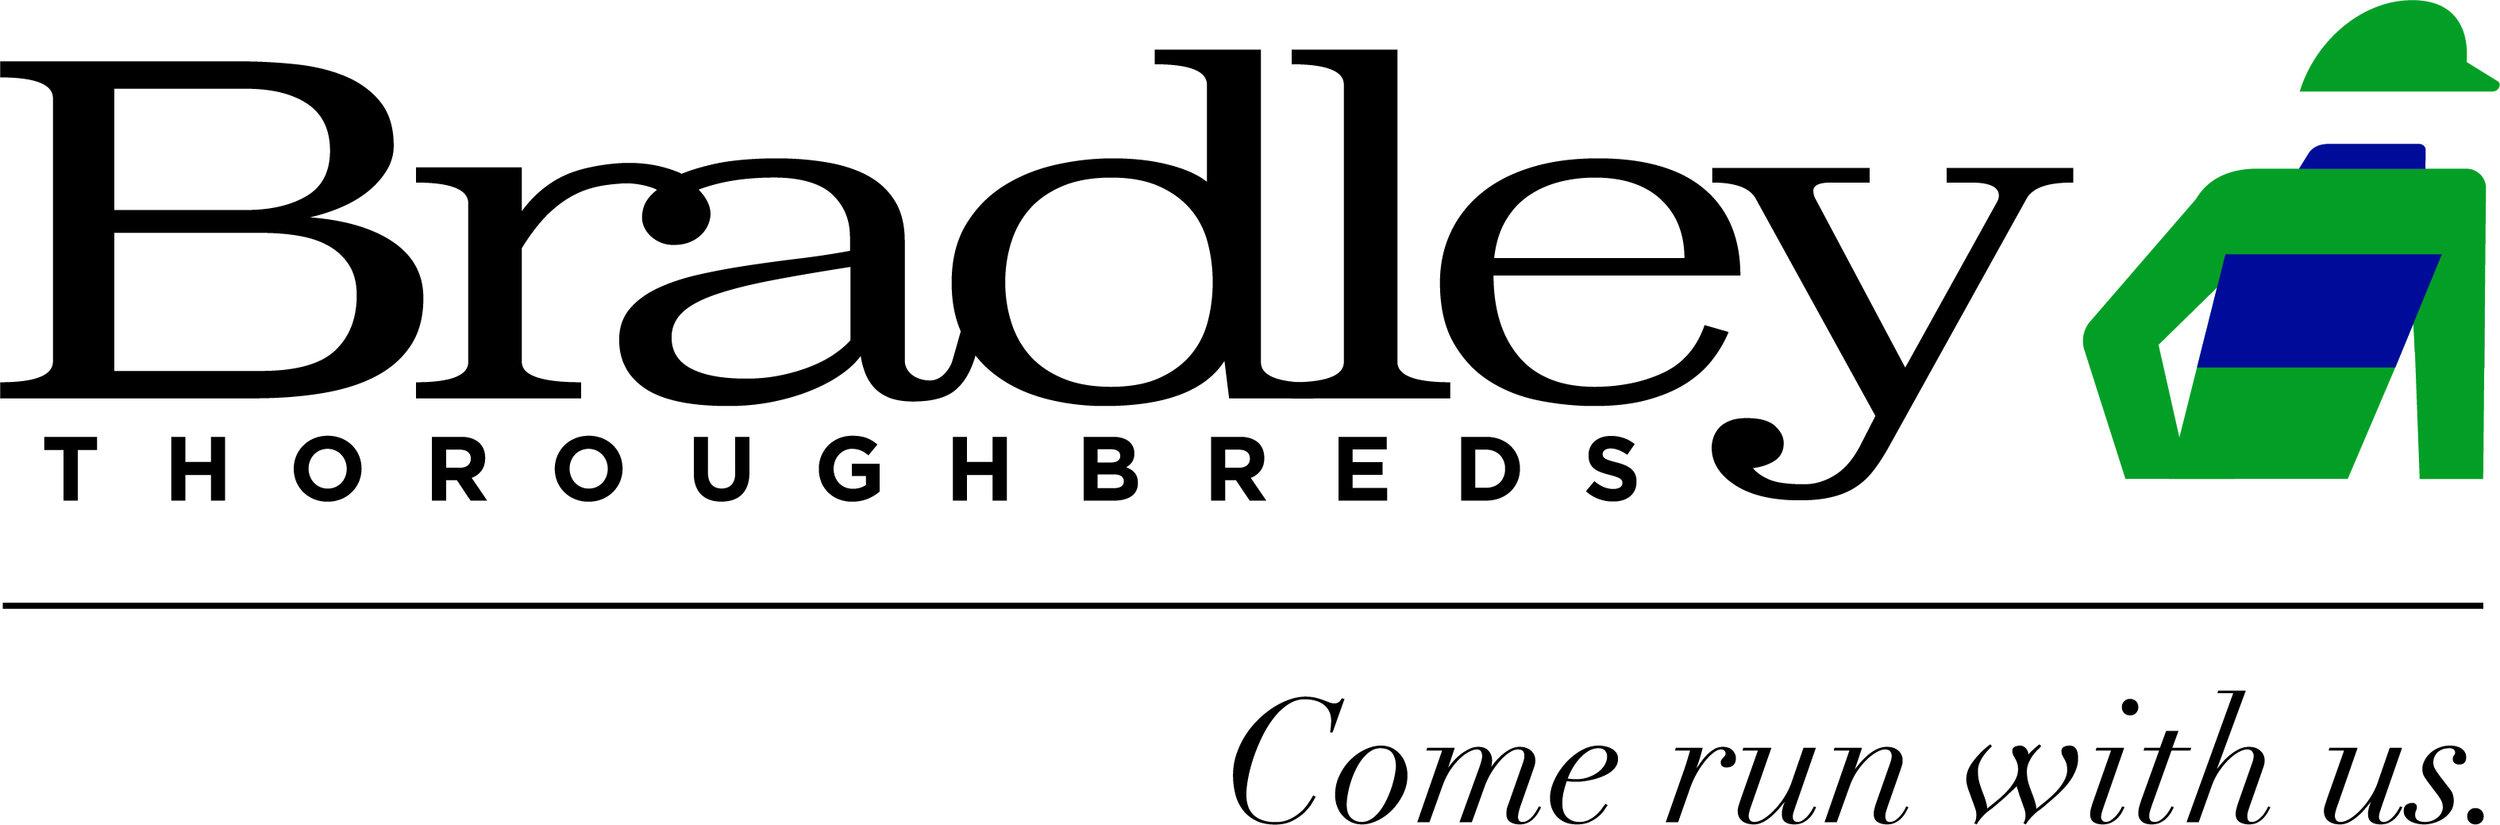 BradleyThoroughbreds.jpg